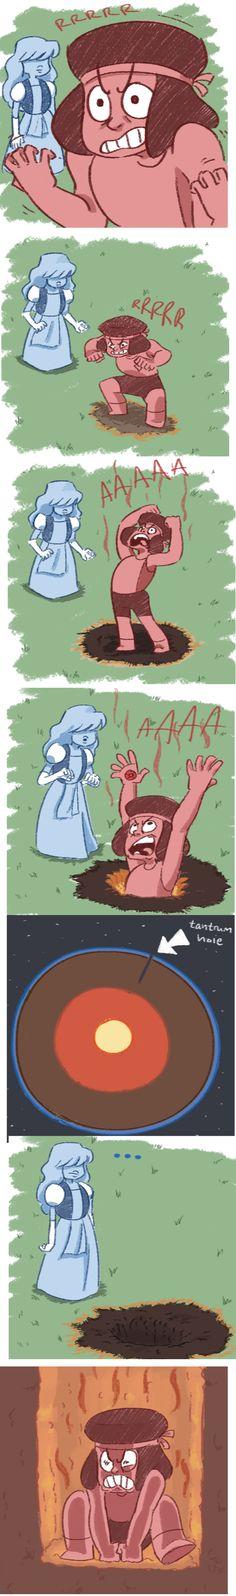 Maximum Rage   Steven Universe   Know Your Meme